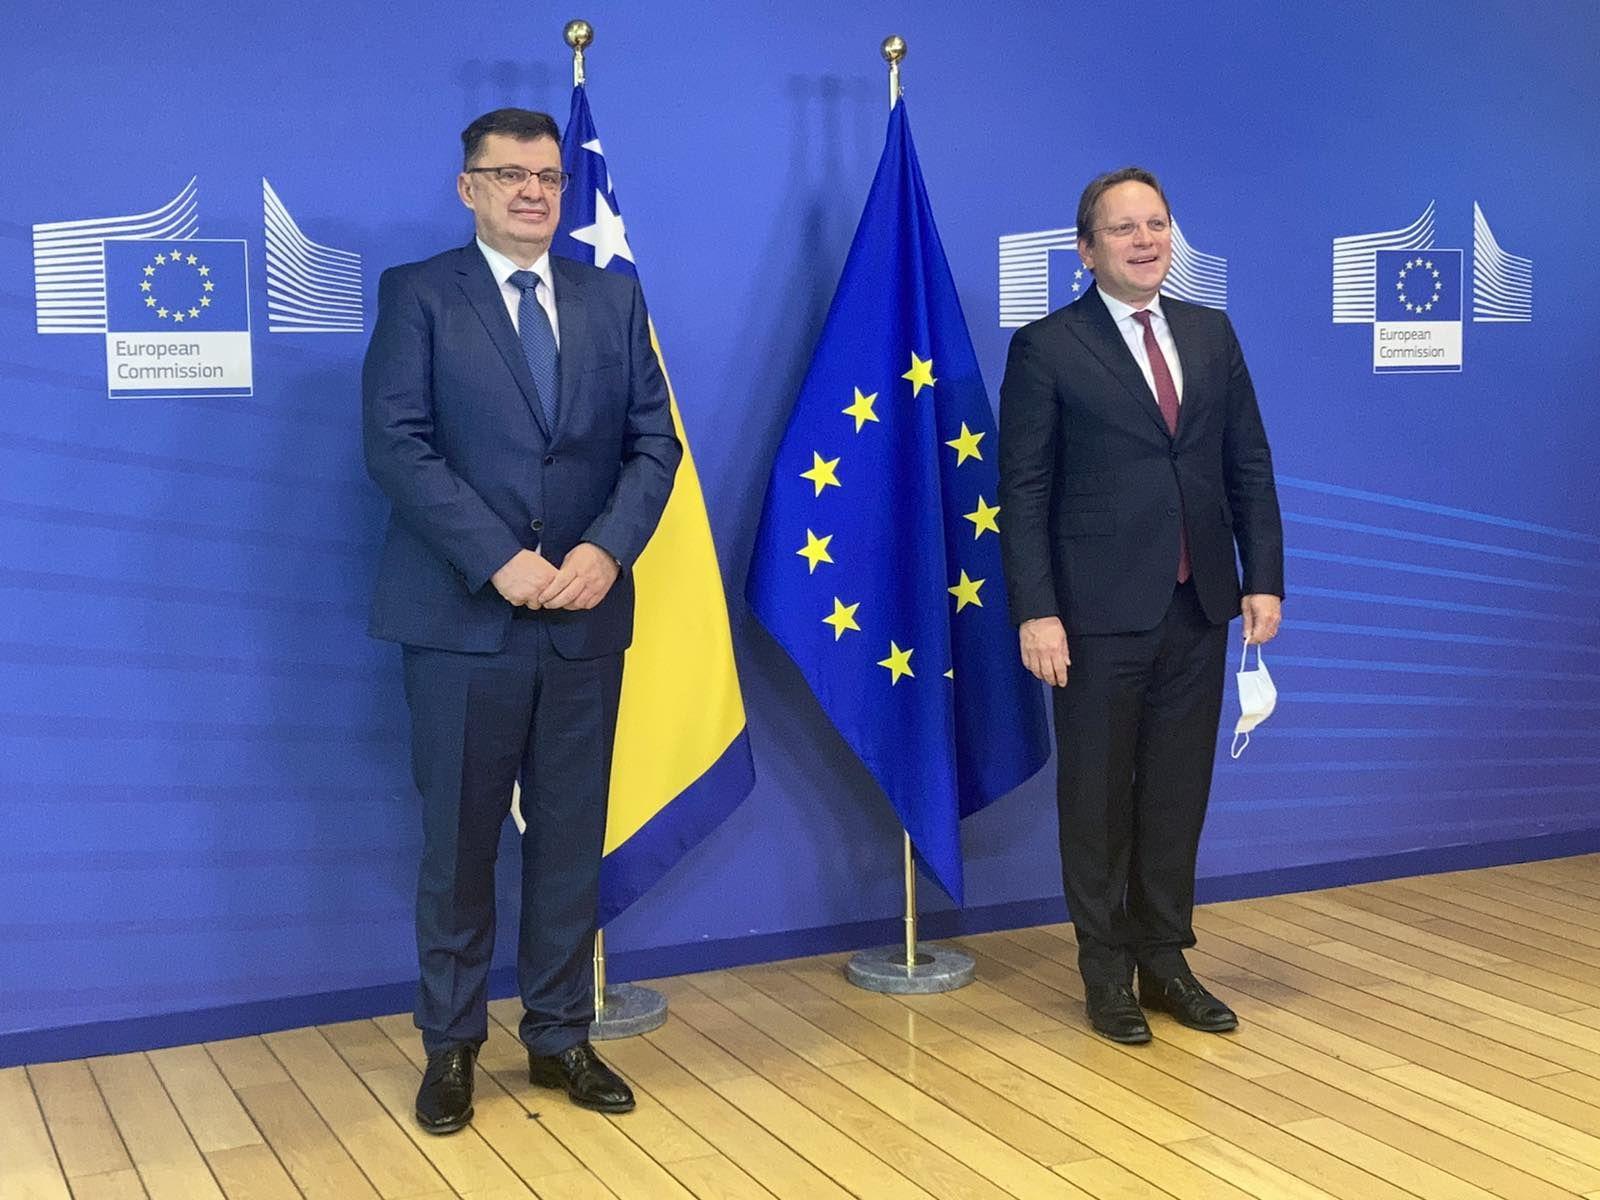 BiH: Tegeltija met Varhelyi in Brussels